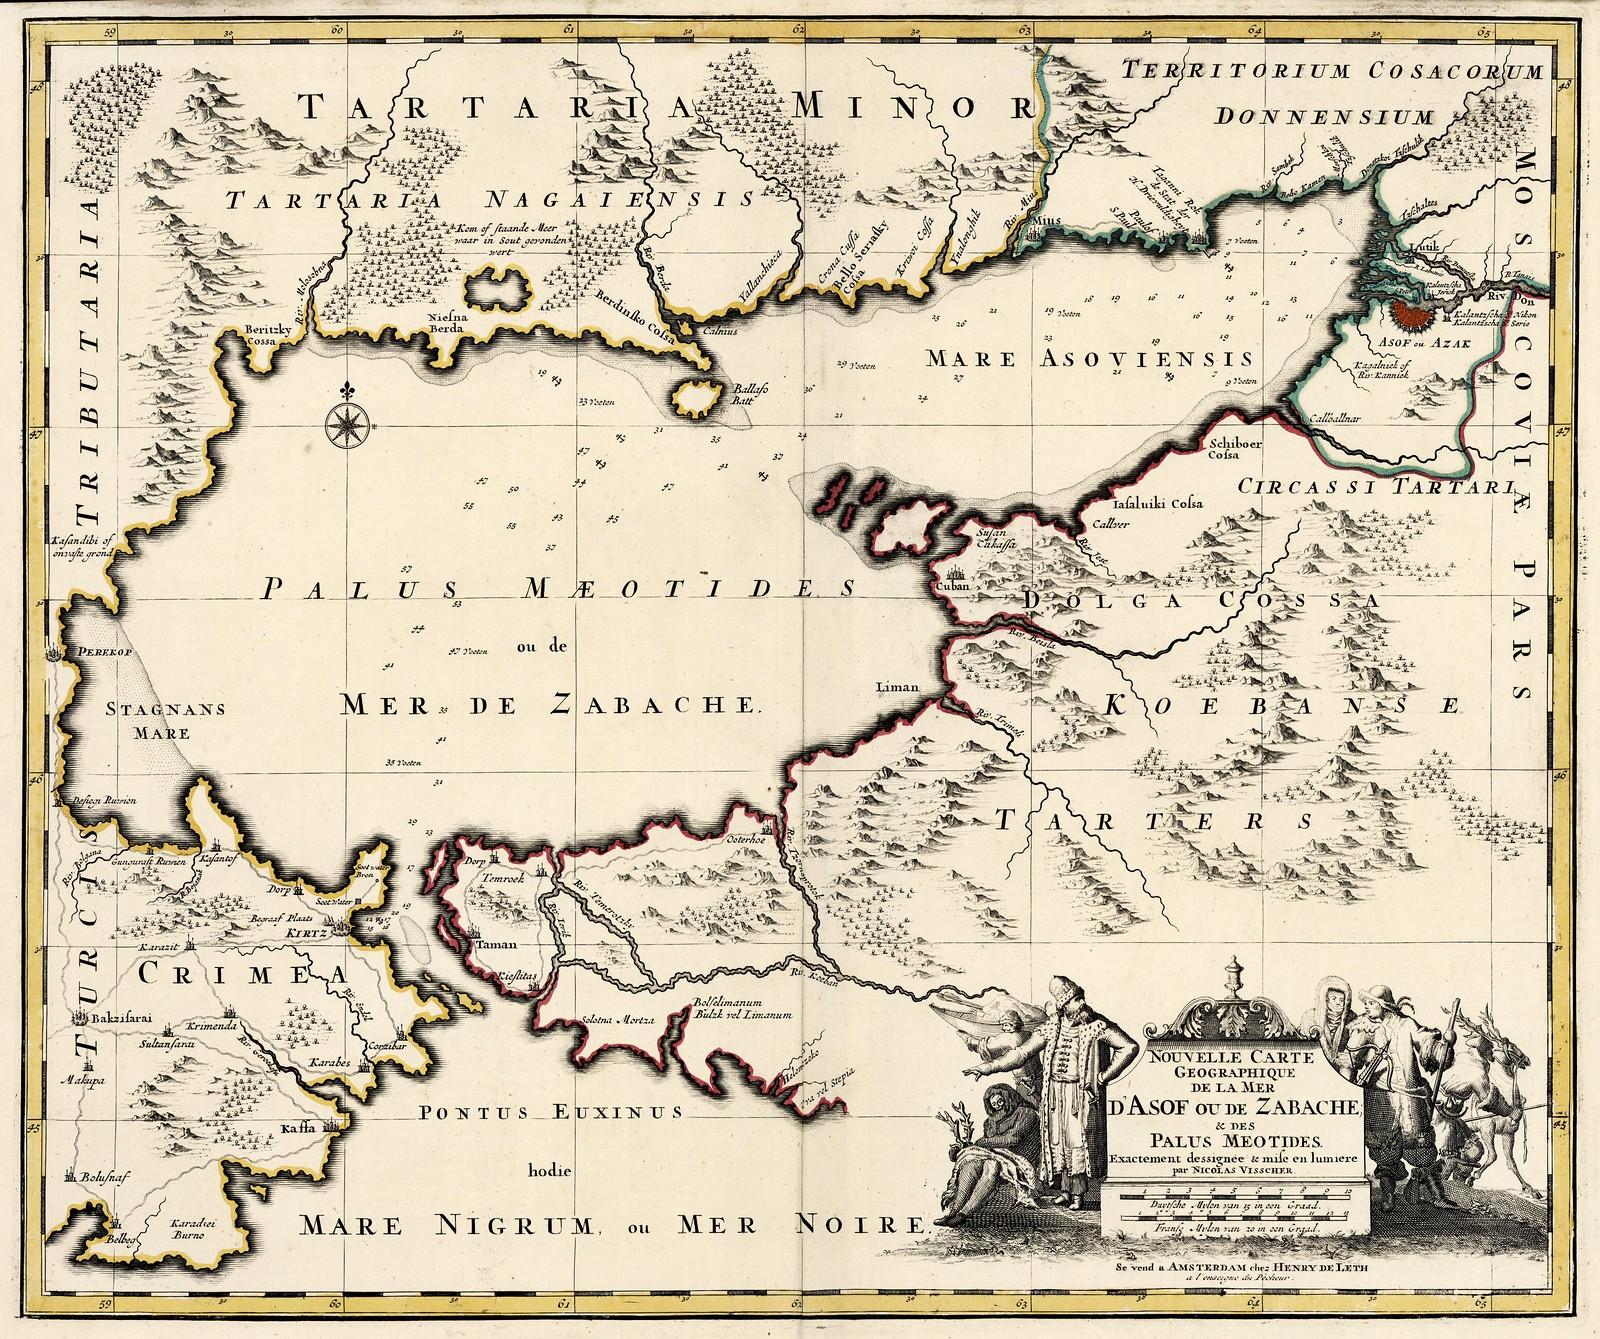 1650-1750. Новая географическая карта моря Азова или Забахе и Меотидов Палуса, Генри Висшер, Николя Лет, Амстердам